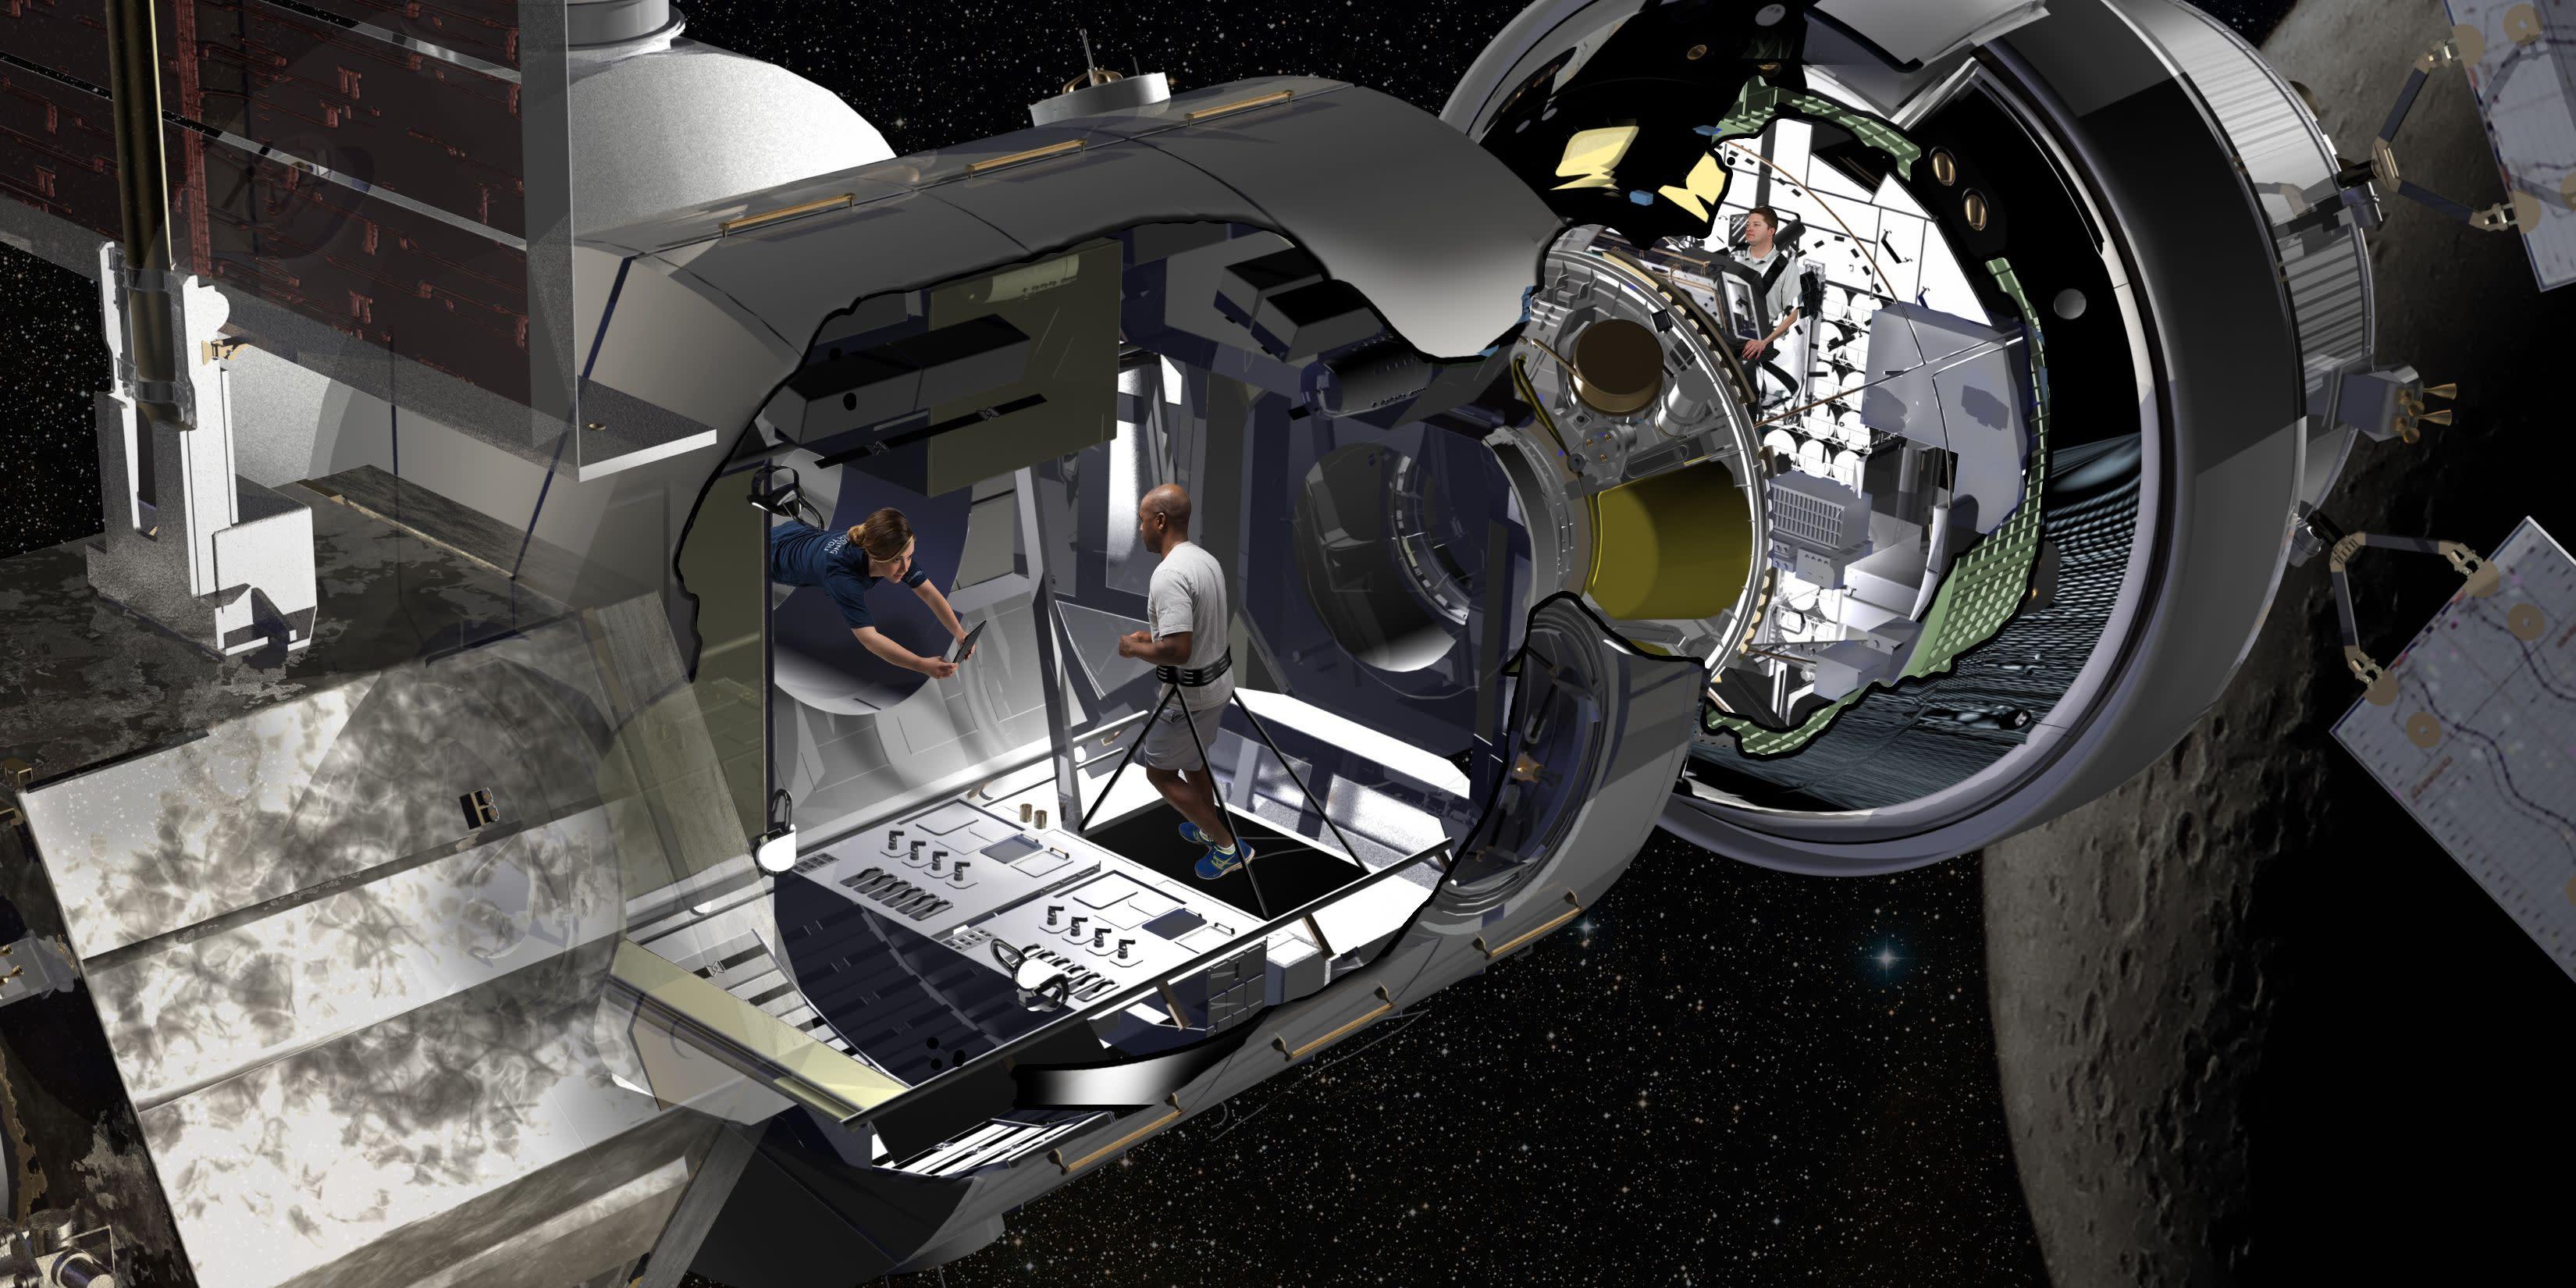 nasa future spaceship - HD2700×1350